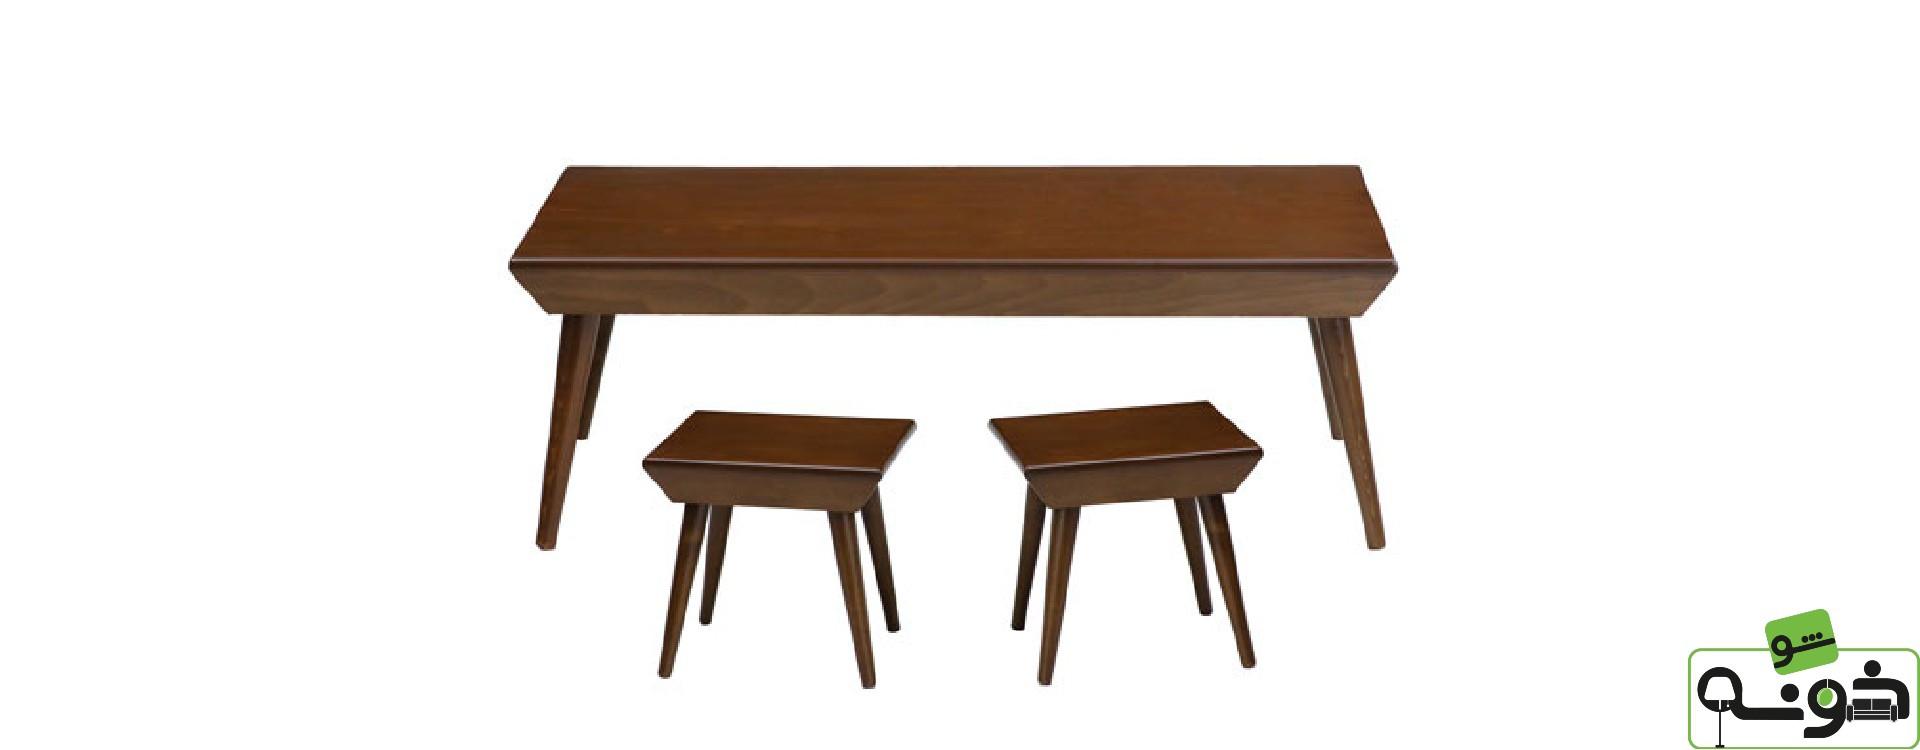 9 نکته کاربردی برای تزیین میز جلو مبلی